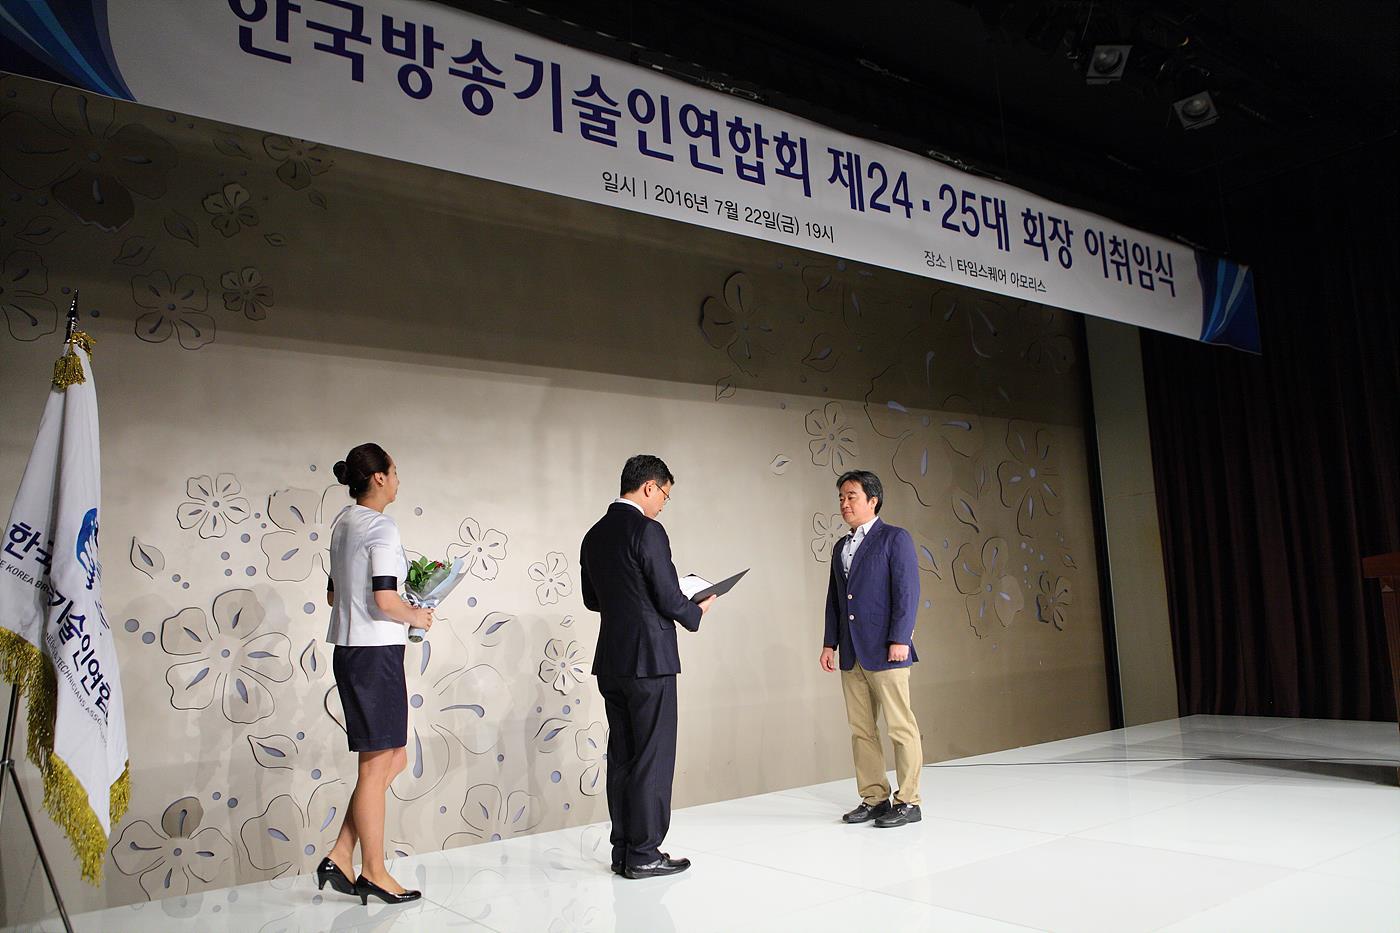 이후삼 연합회장이 전직 협회장 대표인 김일양 협회장에게 감사패를 전달하고 있다